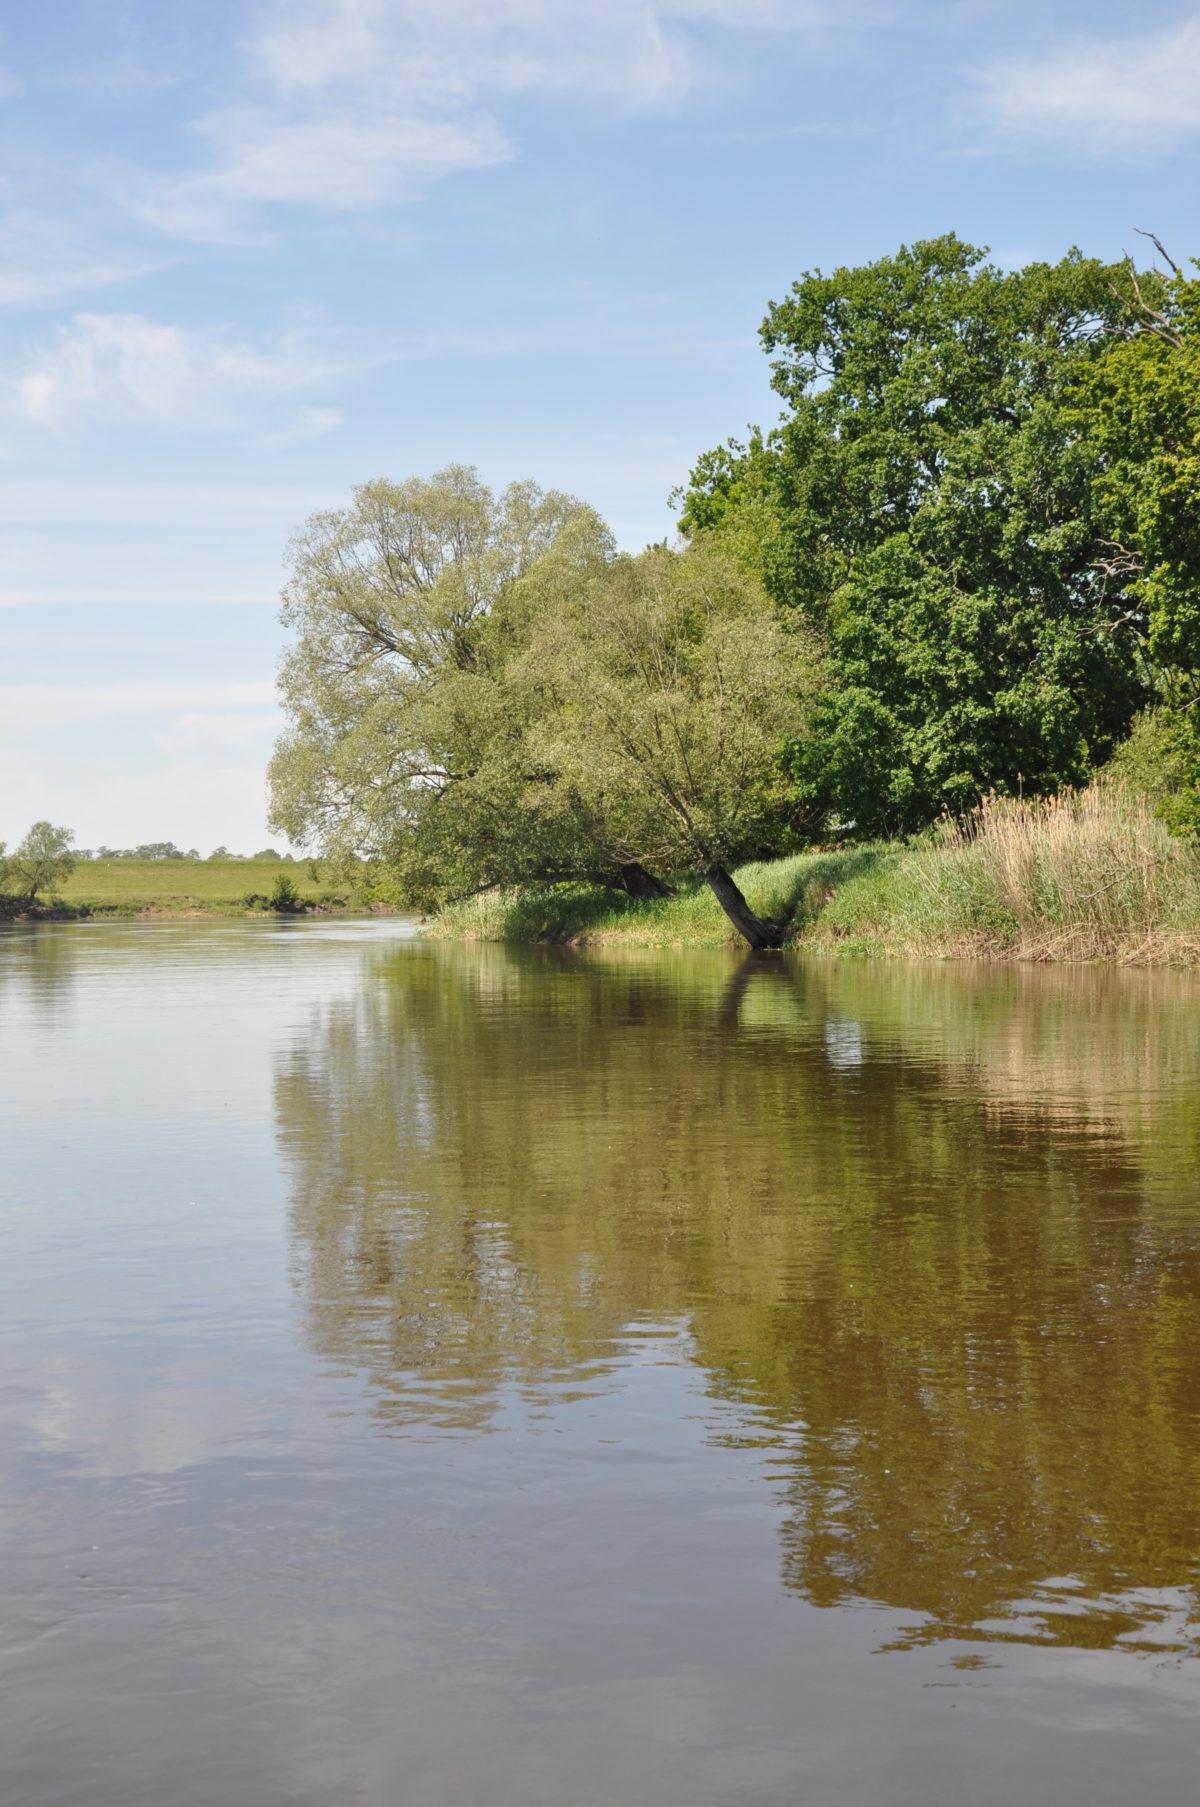 Warta-Noteć piękne rzeki